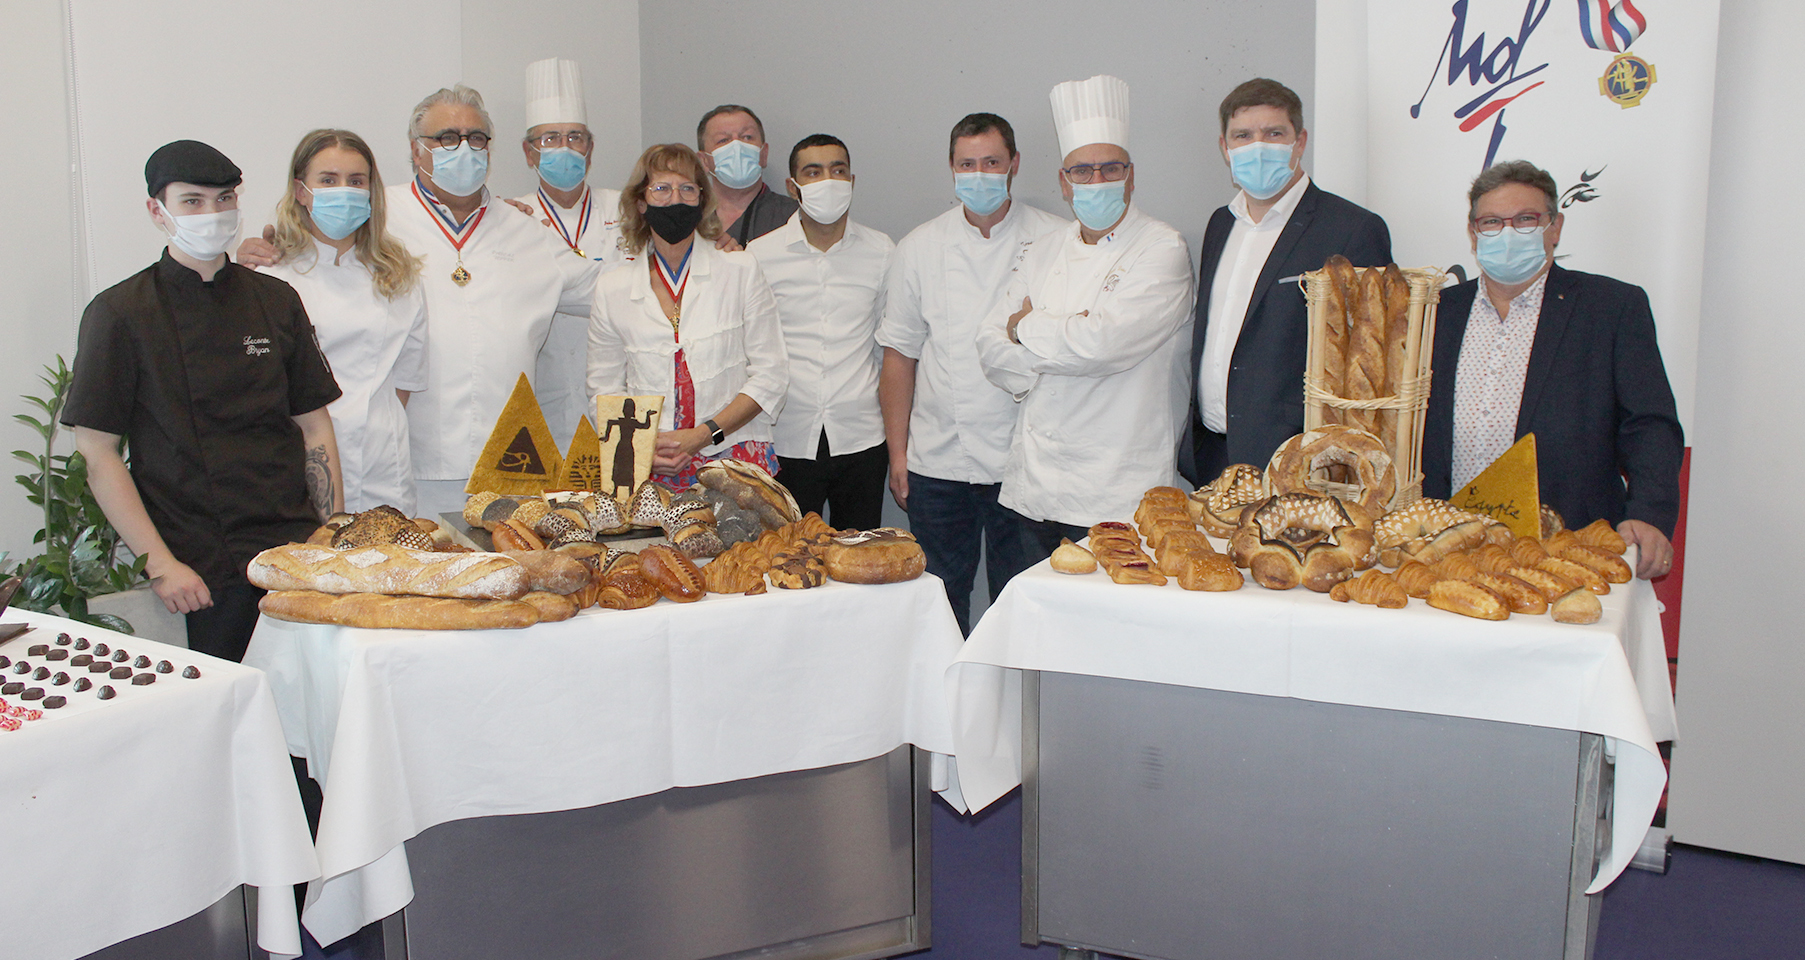 Les apprentis en mode concours au Centre de Formation des Apprentis de Saint-Saulve